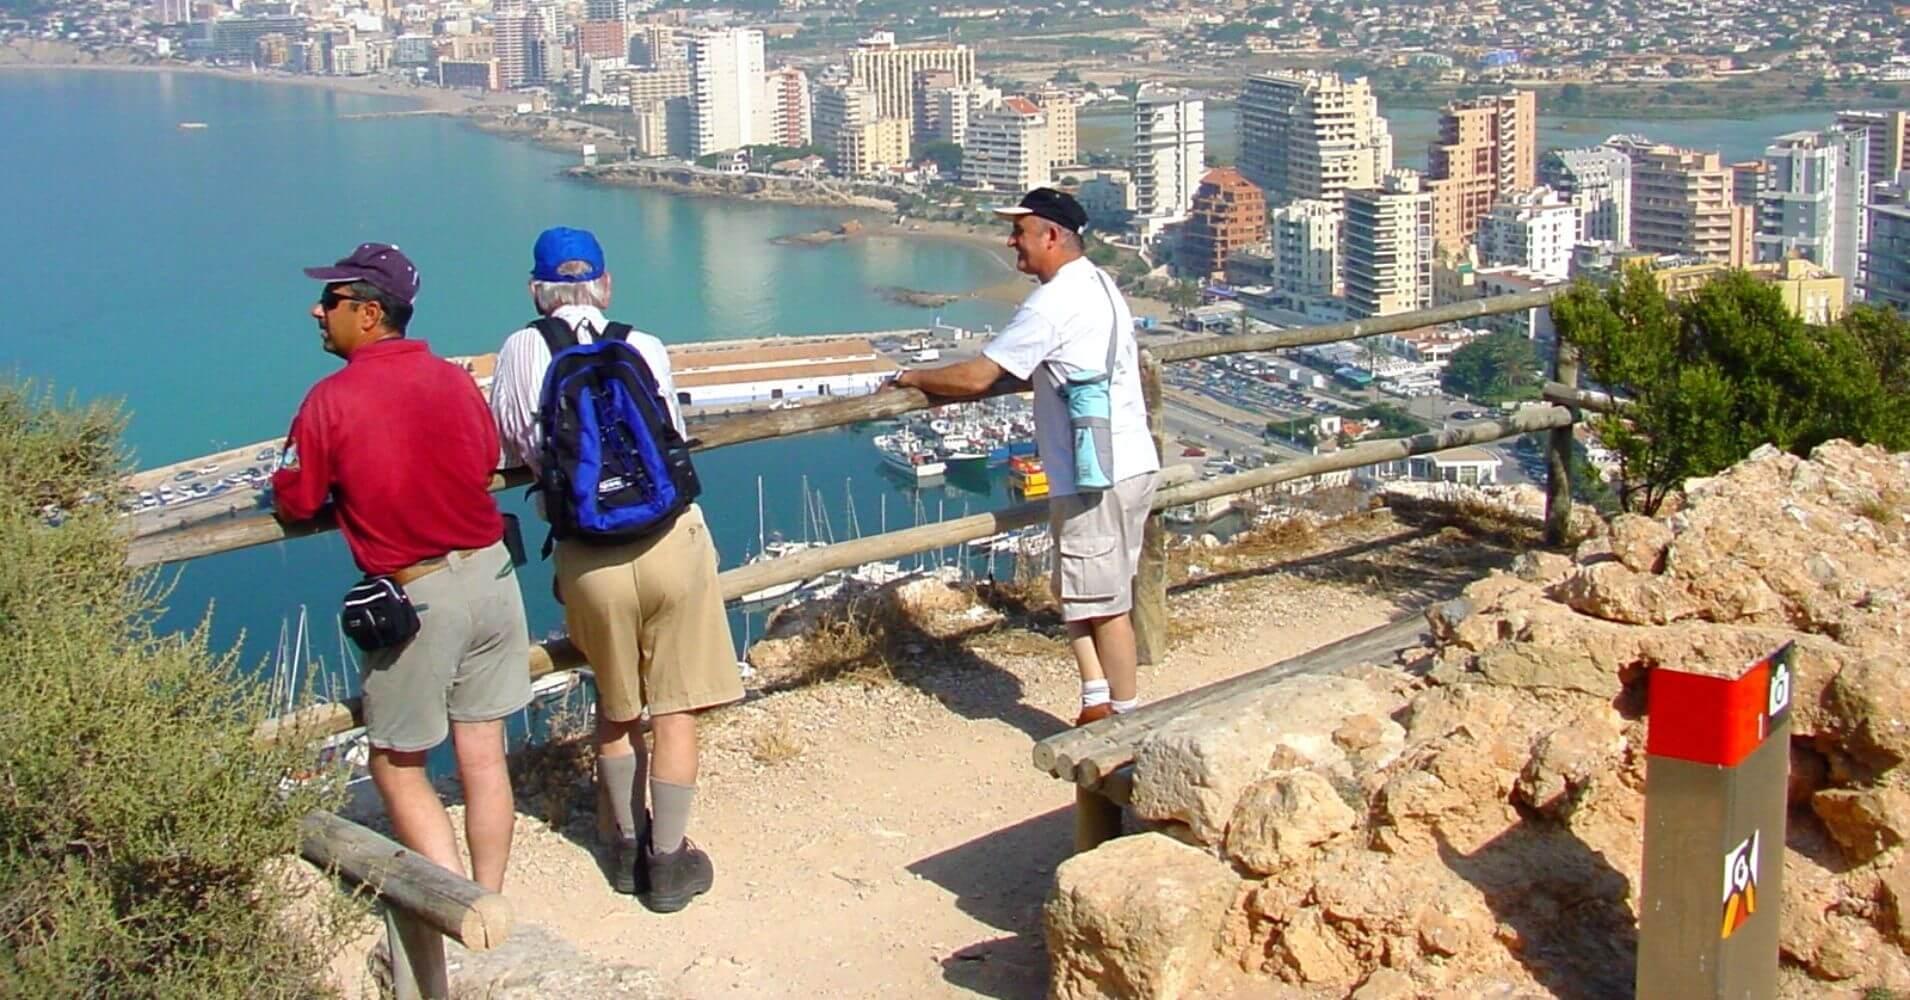 Miradores en la Subida al Peñón de Ifach. Calpe, Alicante. Comunidad Valenciana.